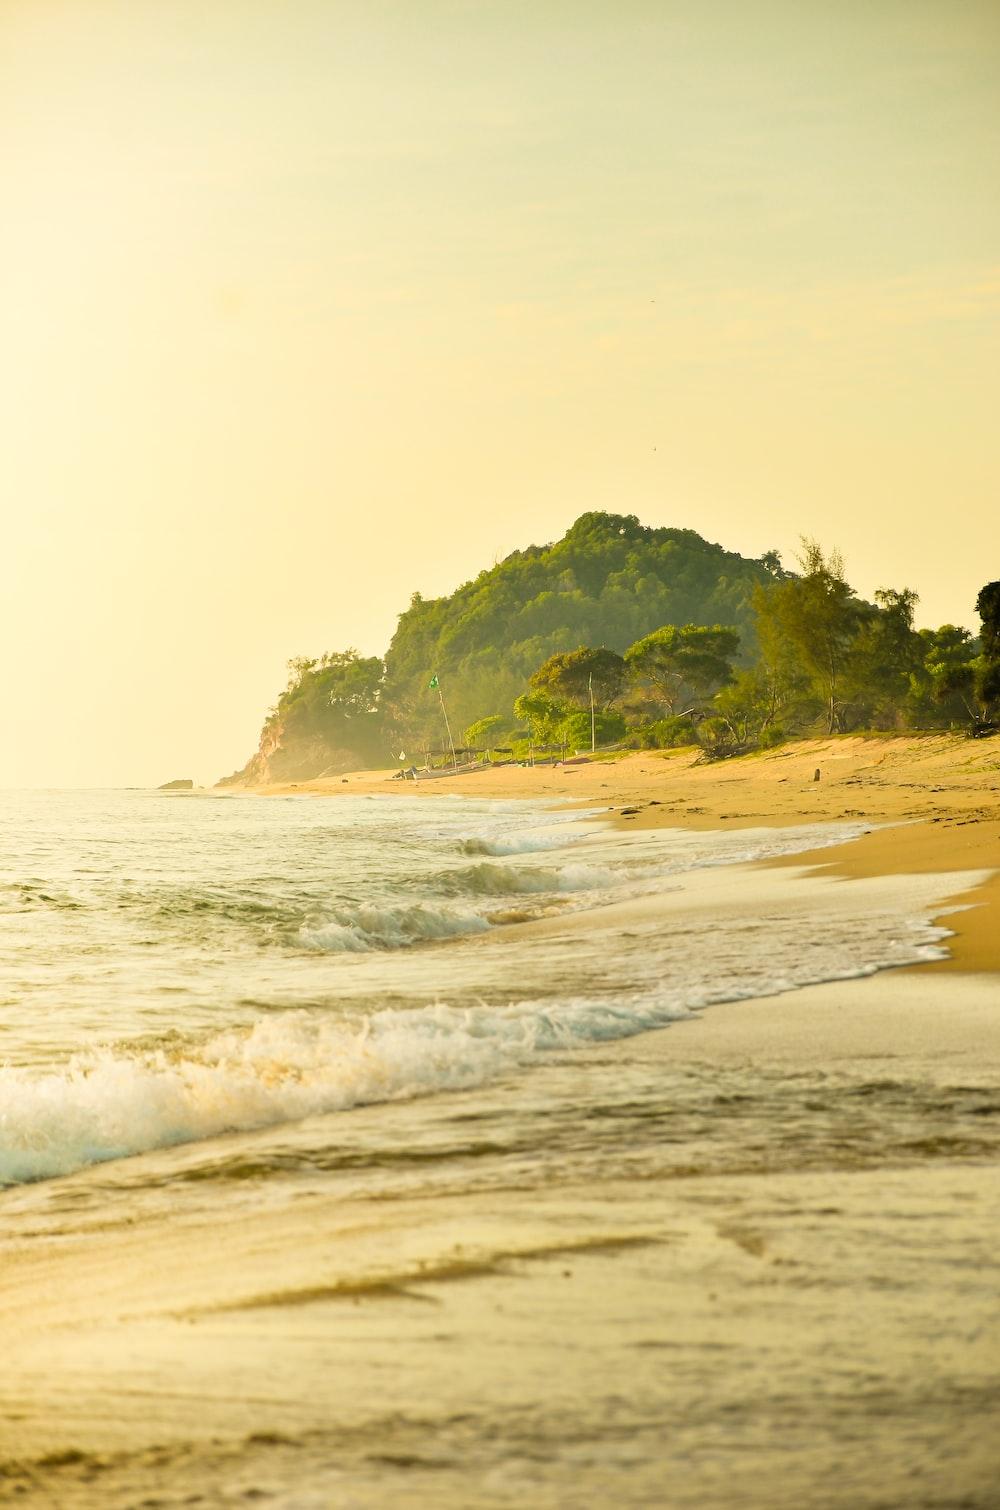 seashore viewing mountain during daytime